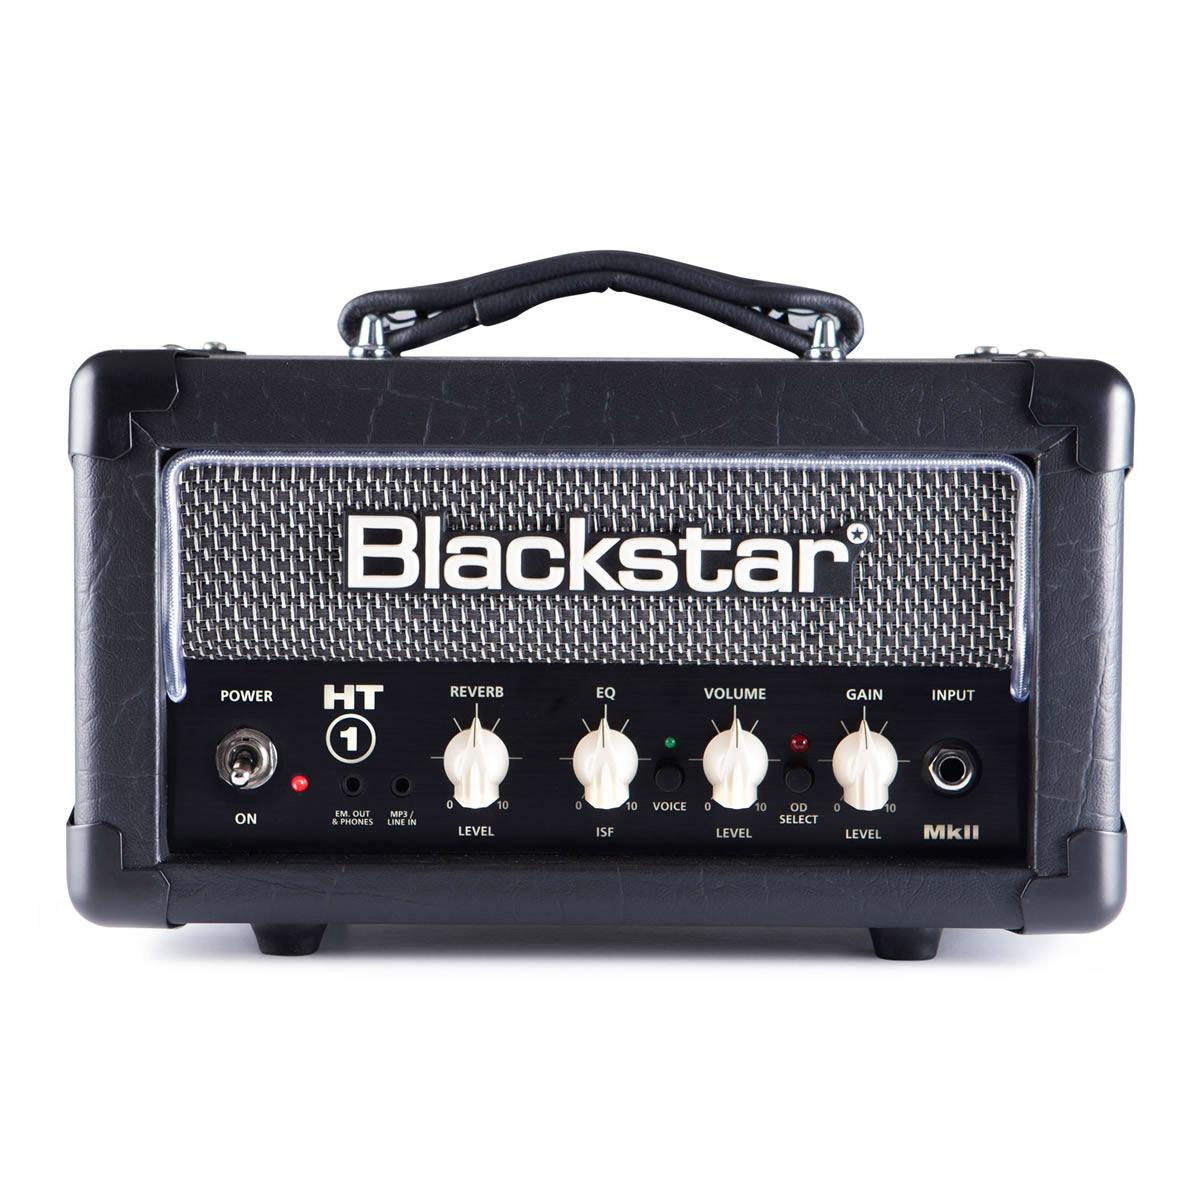 Blackstar HT-1RH MKII V HEAD R ギターアンプヘッド 【ブラックスター】